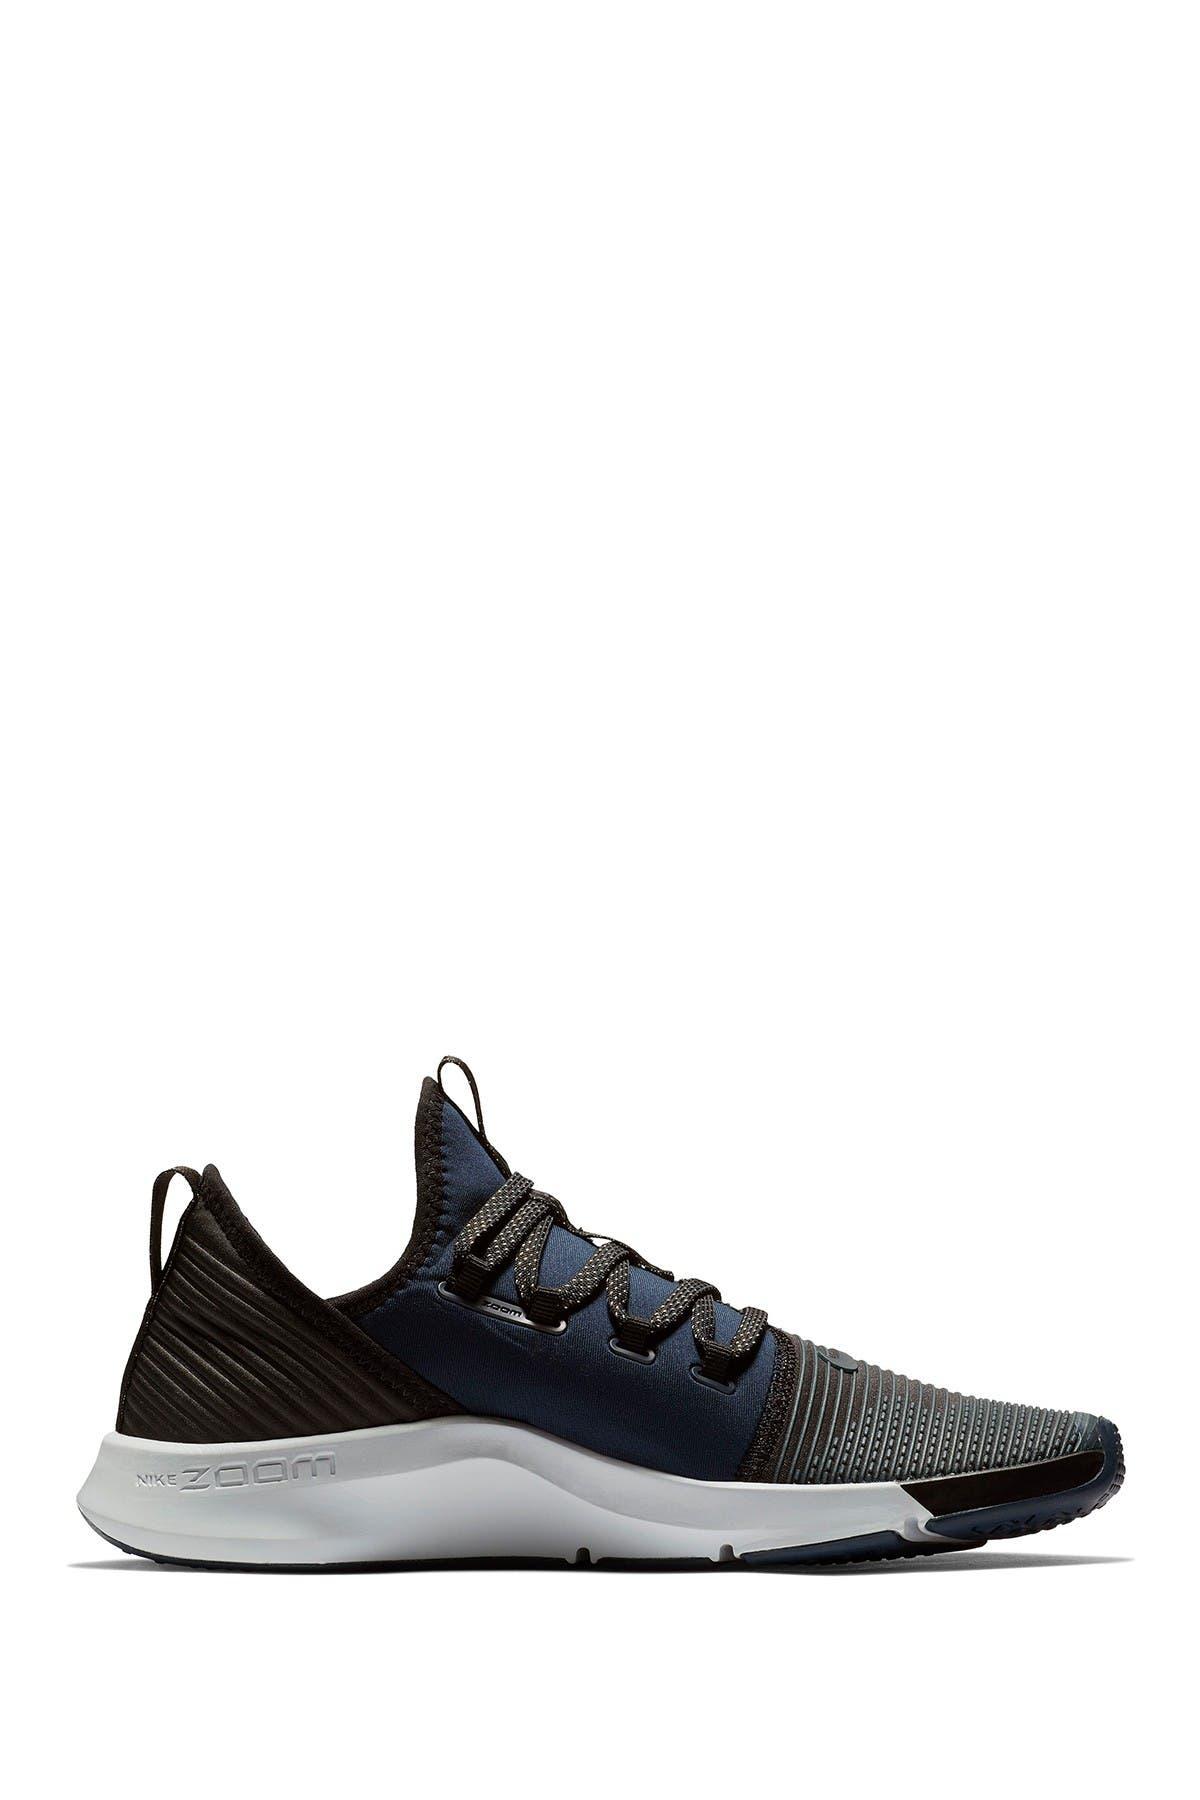 Nike | Air Zoom Elevate Sneaker